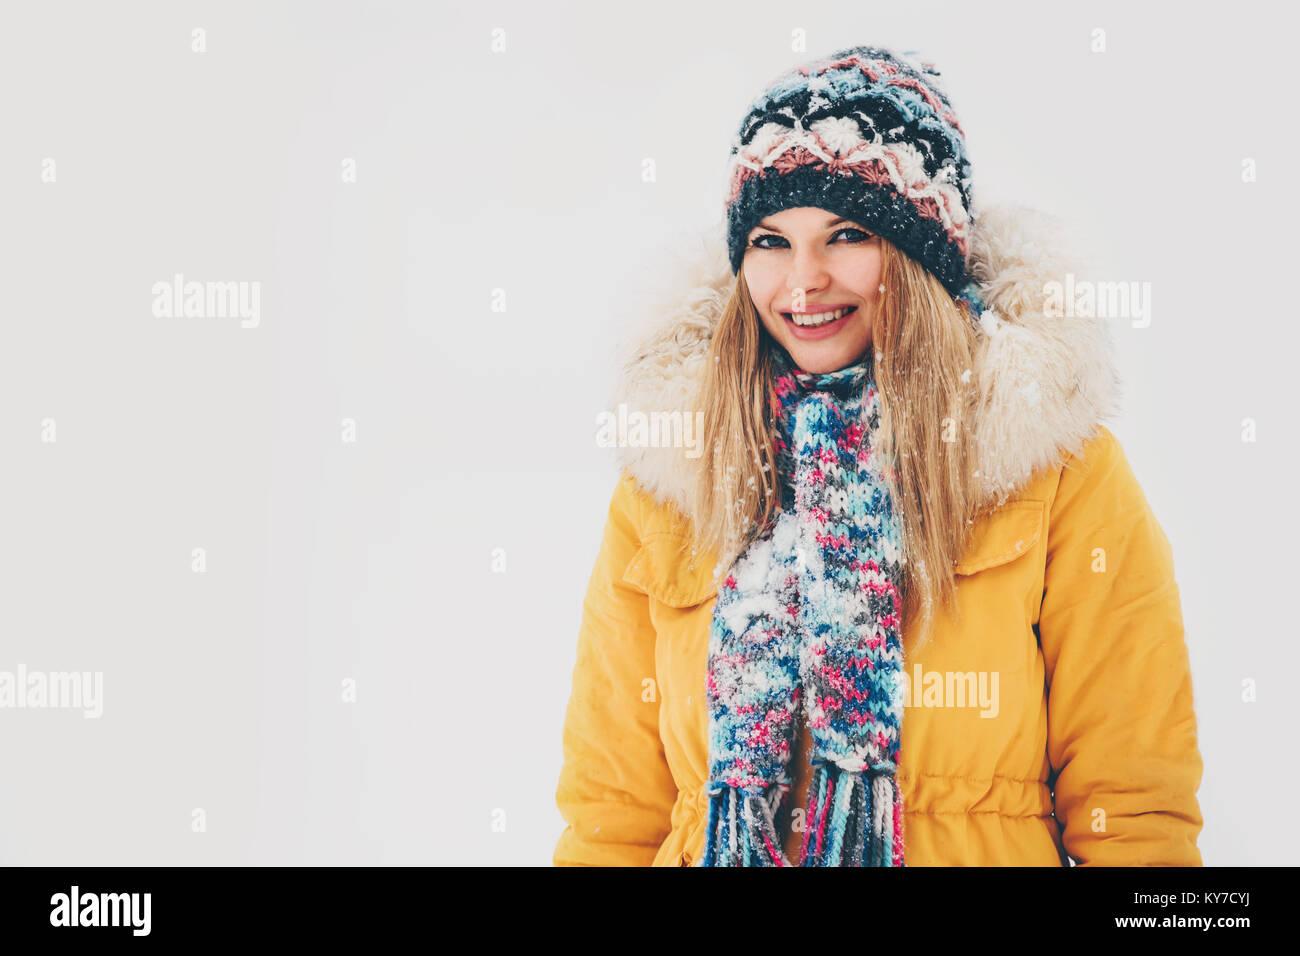 Ropa Y Bufanda Fondo Sombrero Outdoor Mujer De Fashion Abrigo Blanco Feliz Sonriendo Lifestyle Invierno 6IwFx8z6